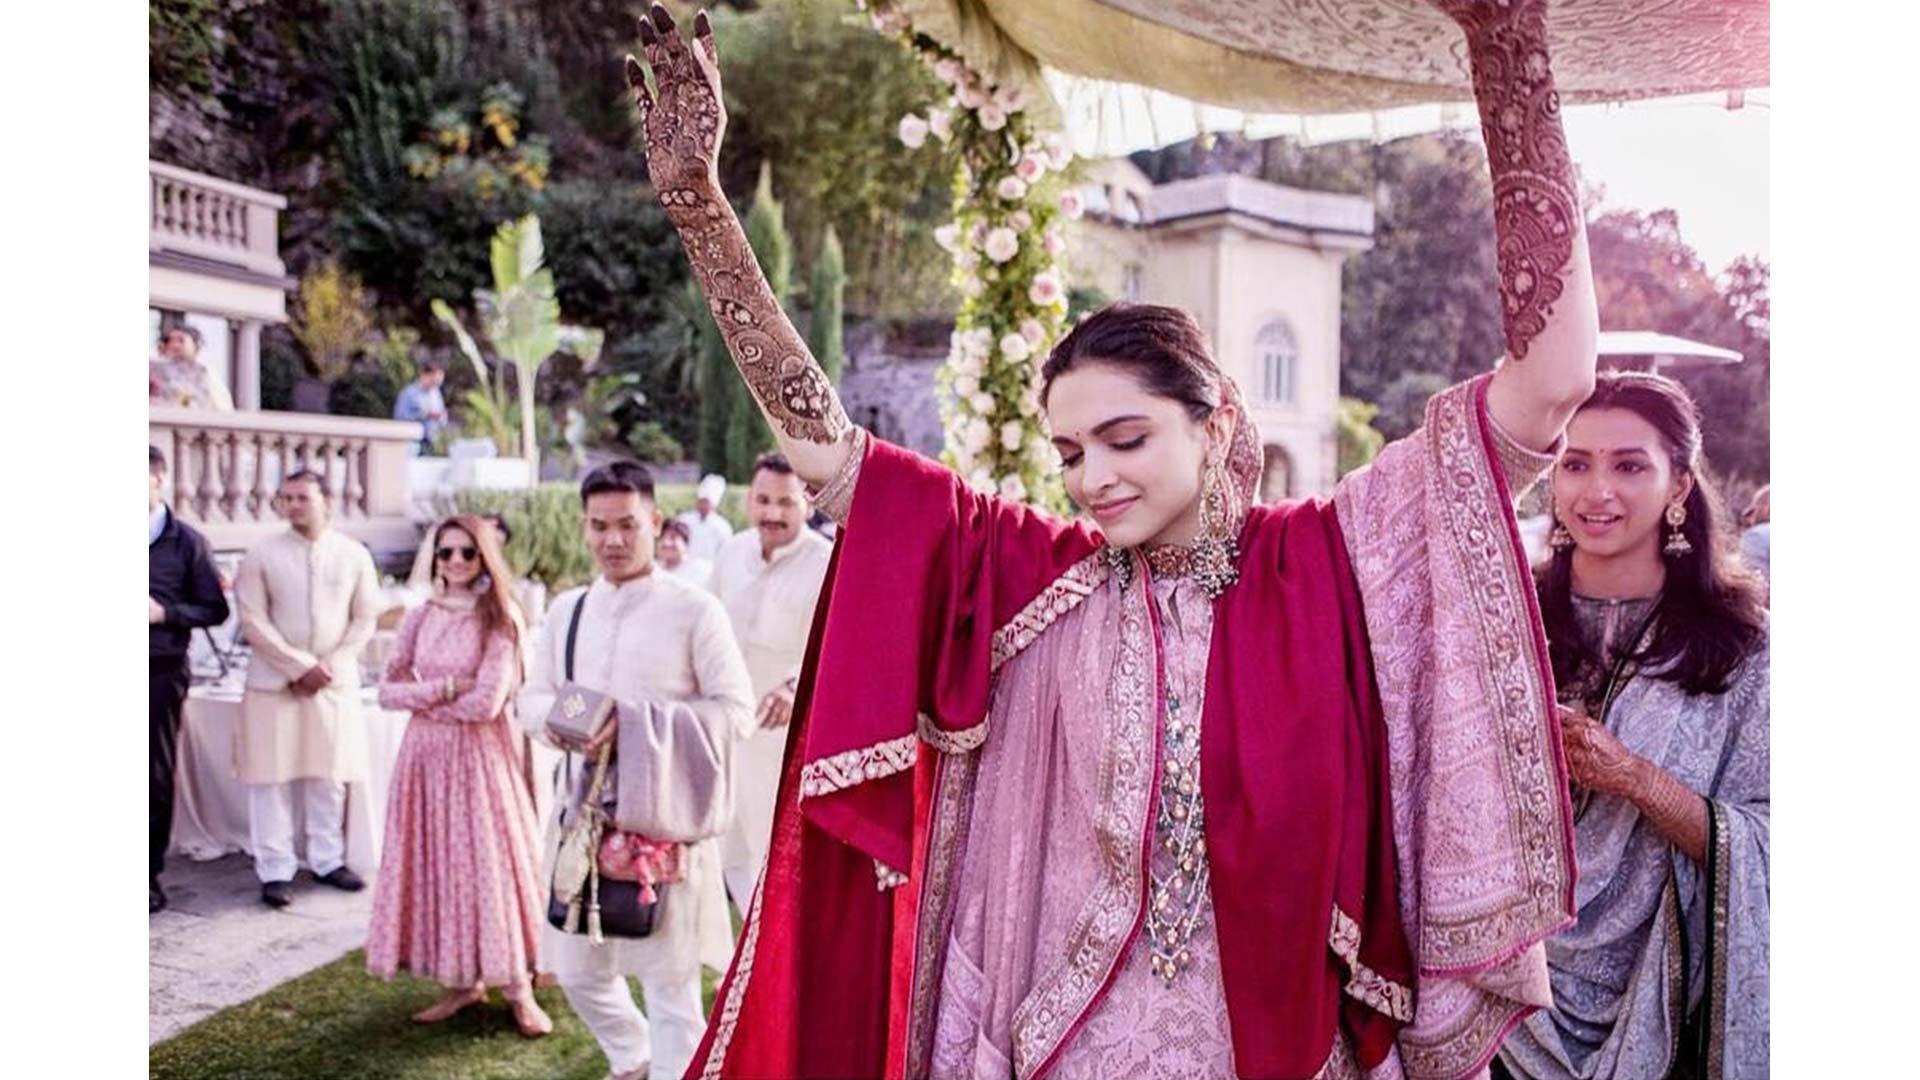 Deepika Padukone and Ranveer Singh's Exclusive Wedding Pics